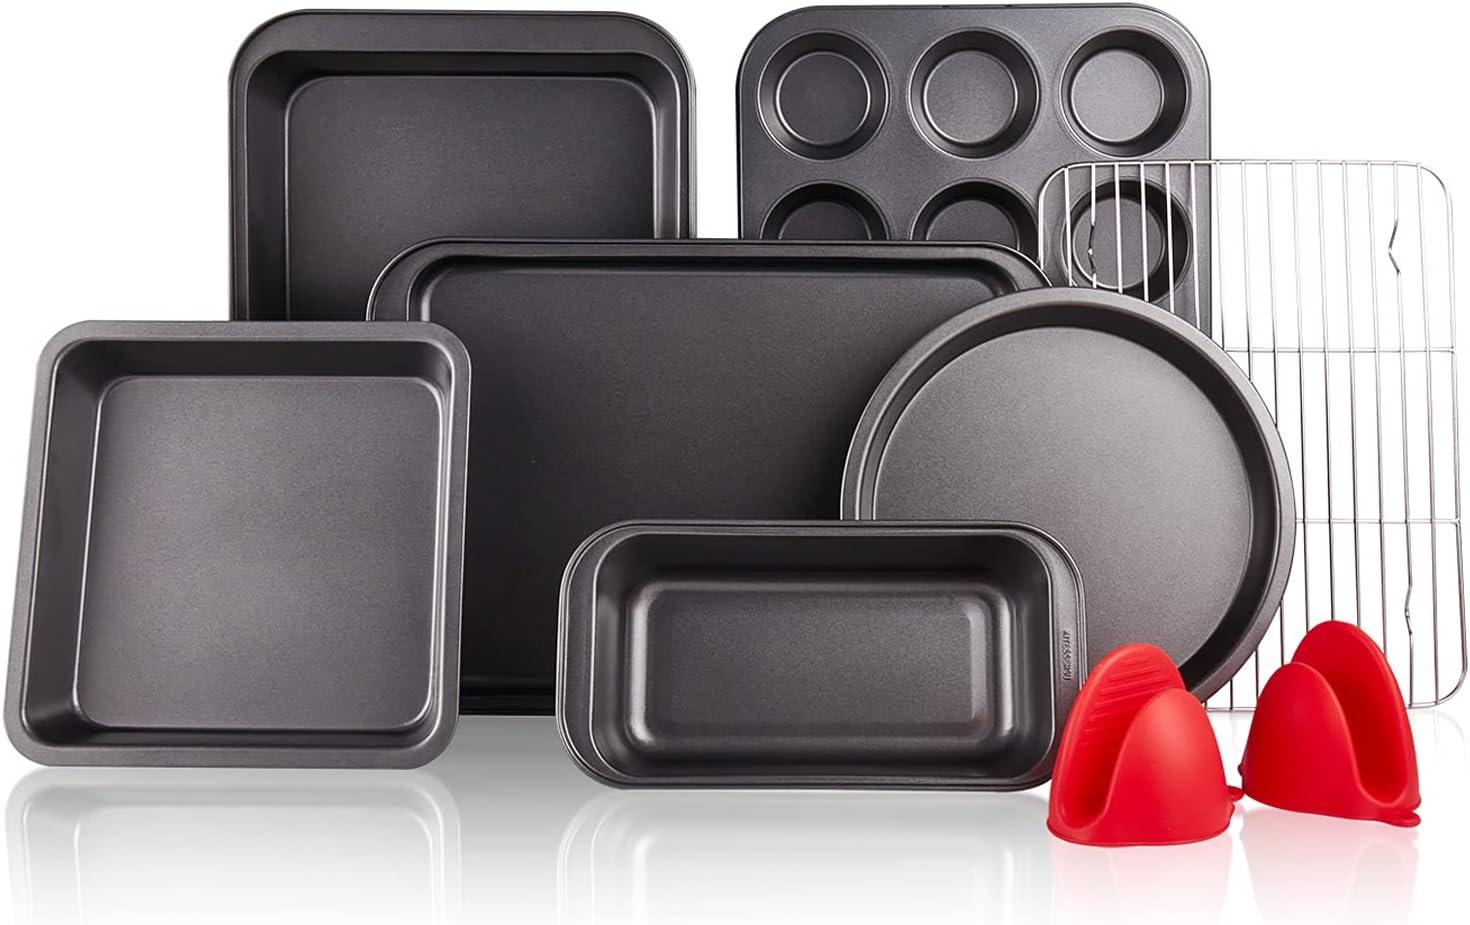 KITESSENSU Baking Pans Sets, Nonstick Bakeware Set 8-Piece with Round/Square Cake Pan, Loaf Pan, Muffin Pan, Cookie Sheet, Roast Pan, Cooling Rack & Silicone Oven Mitts, Carbon Steel Bake Set